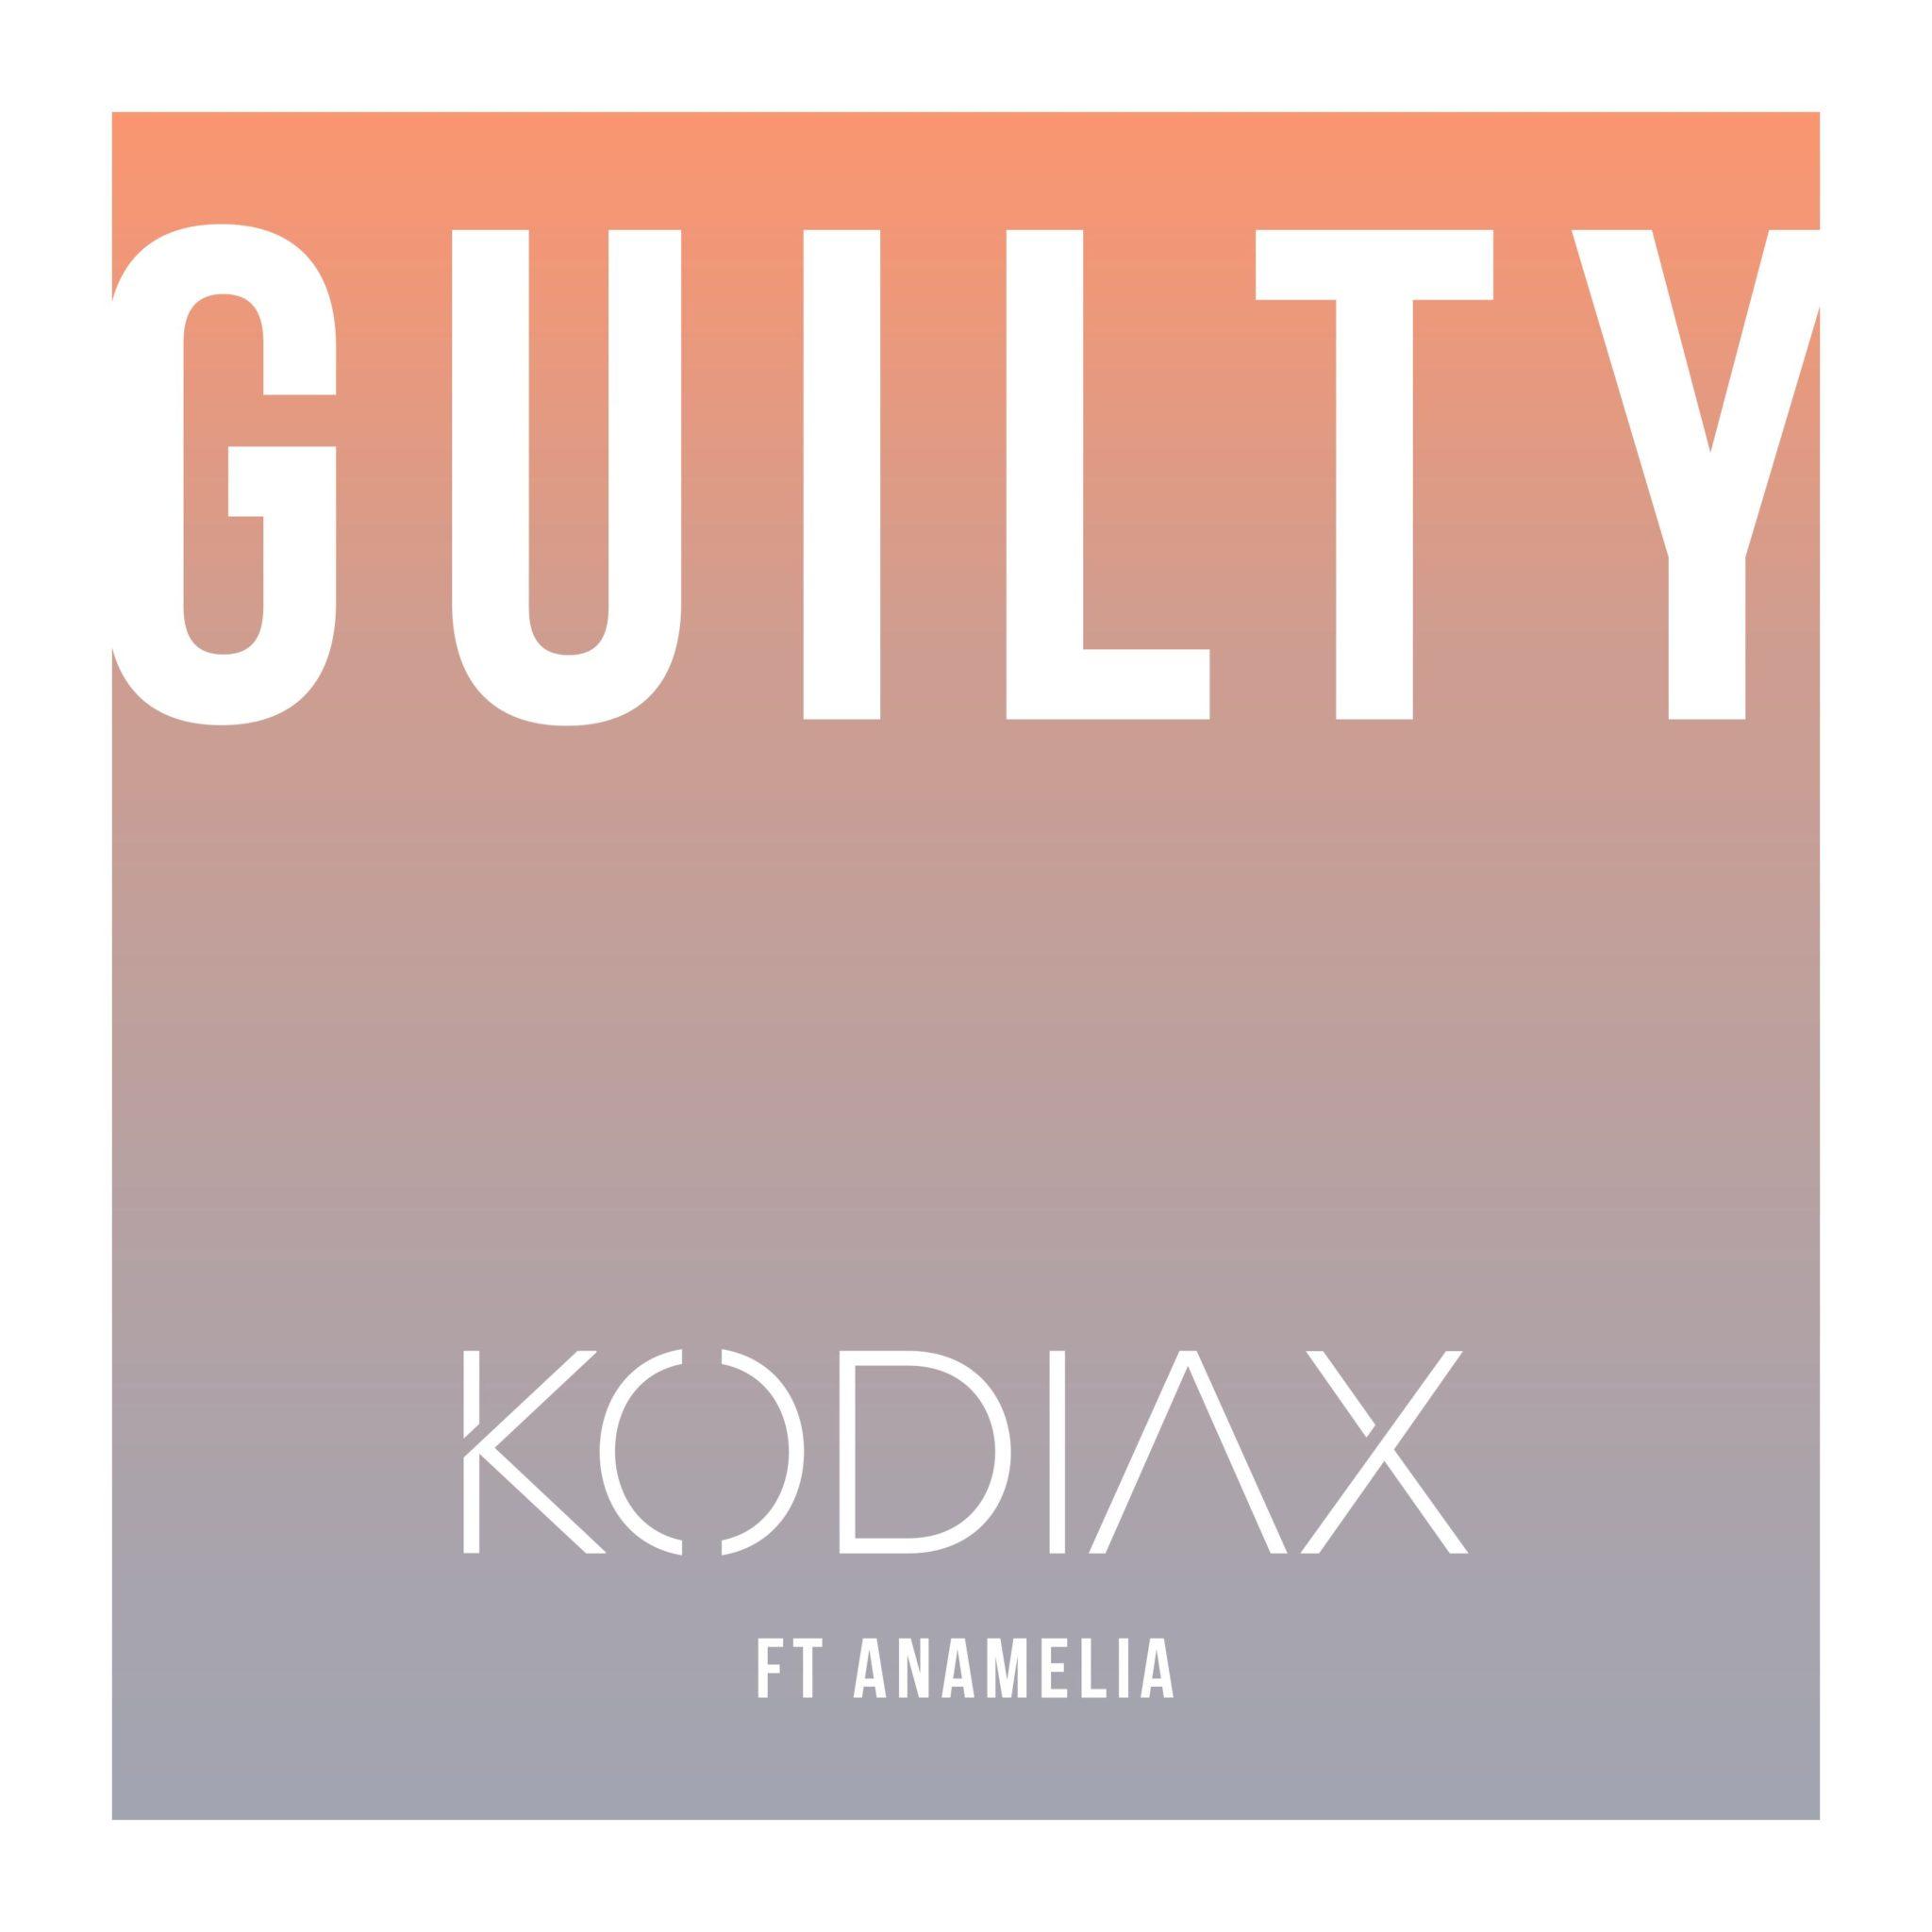 Kodiax